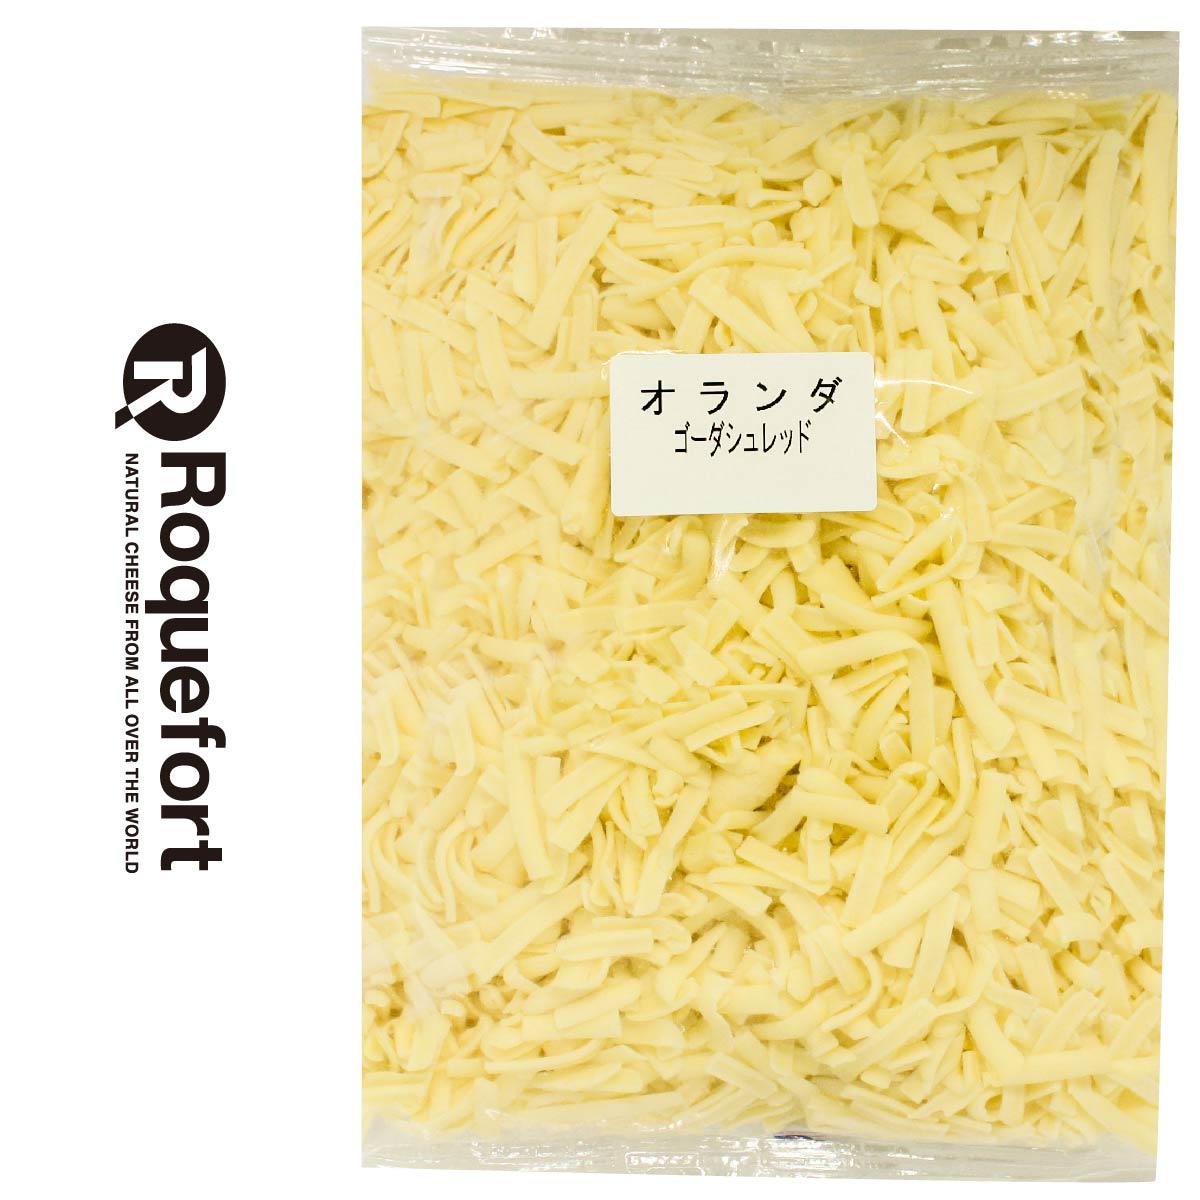 オランダ産 ゴーダチーズ100% 発売モデル シュレッド8mm ゴーダ チーズ 永遠の定番 100% チーズ専門店 業務用 8mm シュレッドチーズ 1kg